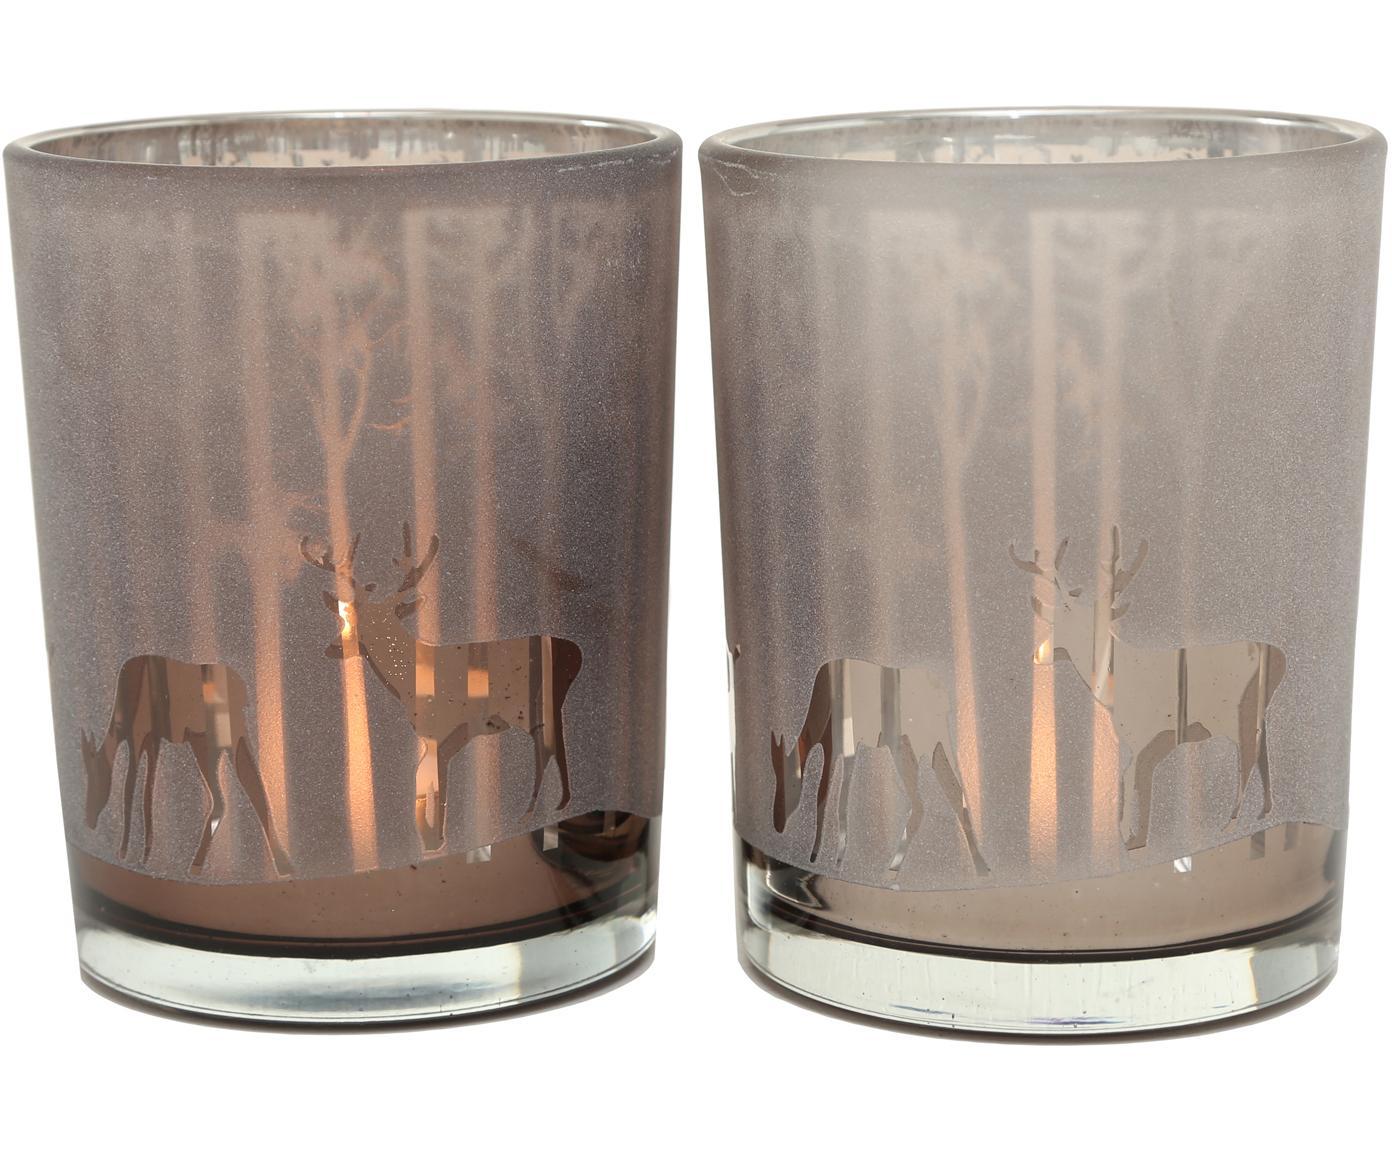 Windlichter-Set Colorado, 2-tlg., Glas, lackiert, Dunkelbeige, Taupe, Ø 10 x H 12 cm